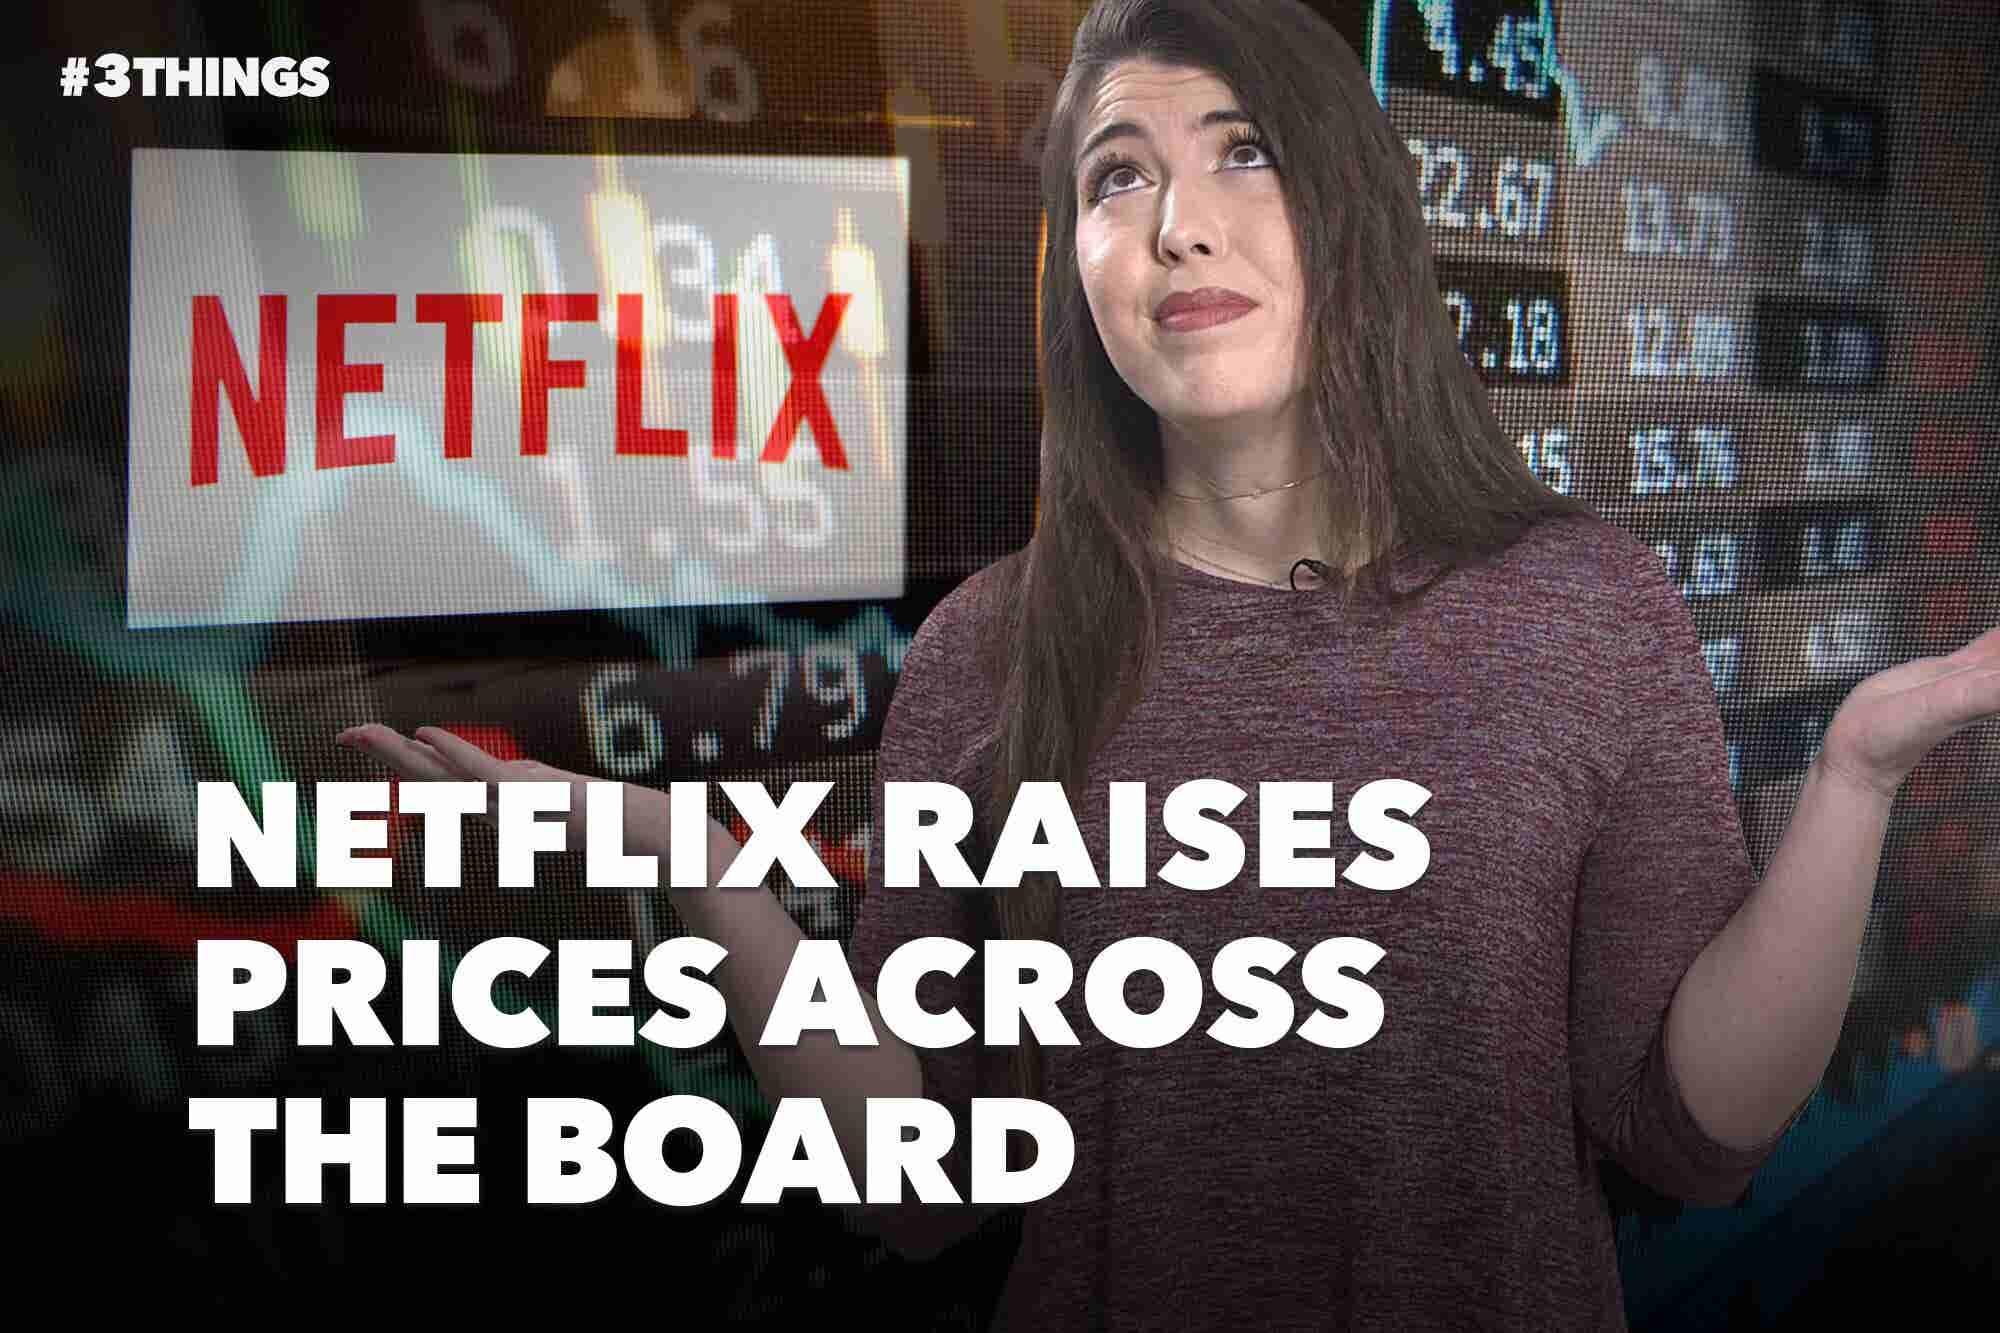 Netflix Raises Prices, YouTube Bans Dangerous Pranks and Snap Inc.'s CFO Quits. (60-Second Video)